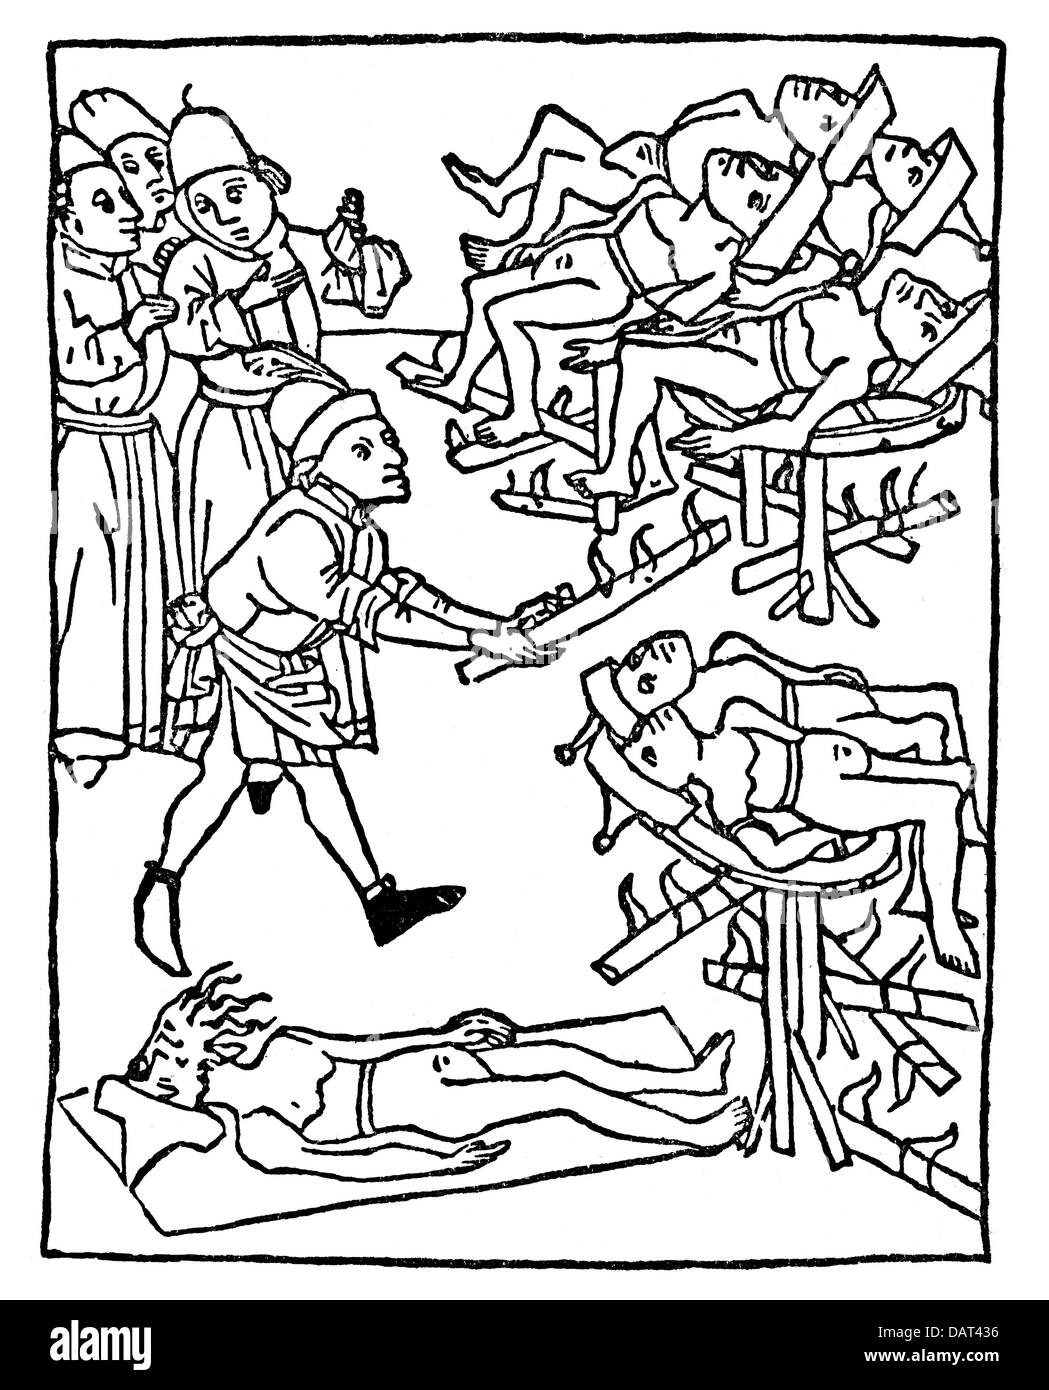 Le judaïsme, de la persécution des Juifs, les Juifs sont tressés sur la  roue, gravure sur bois, 1475, Additional,Rights,Clearences,NA